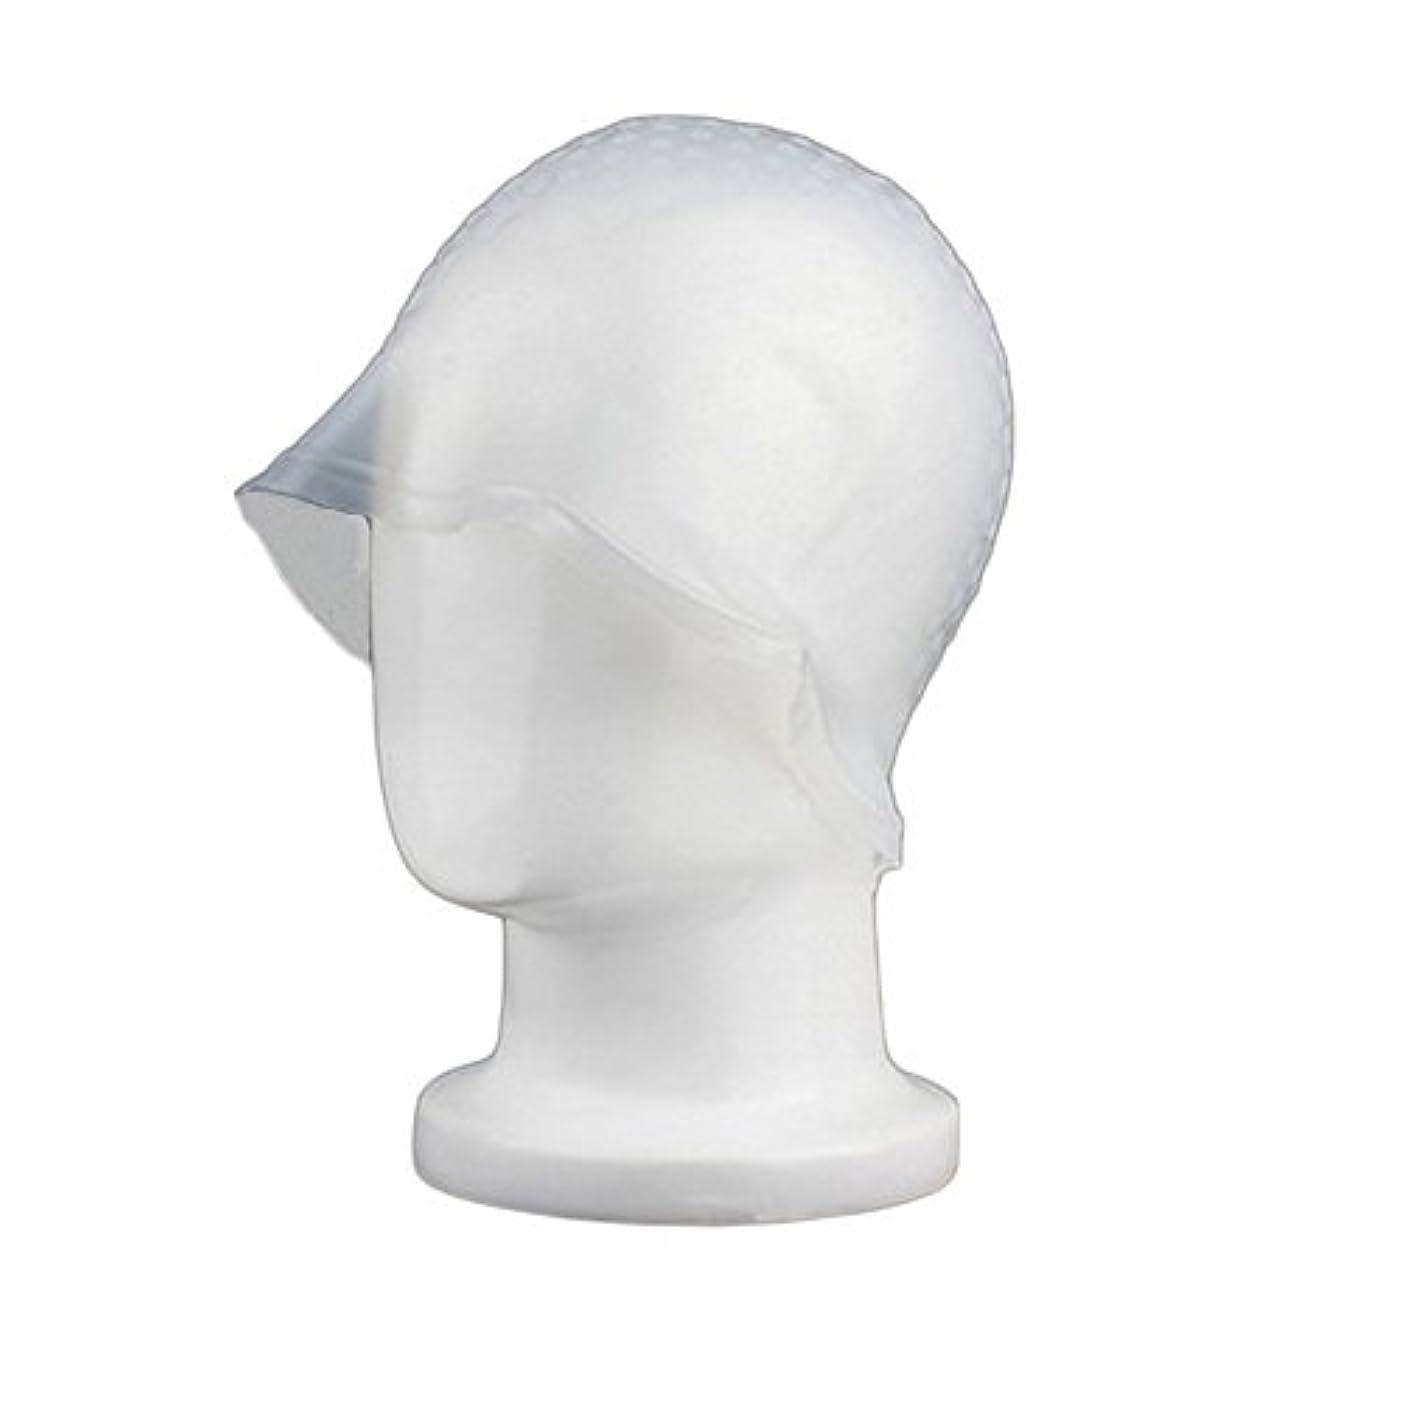 まっすぐ女の子難しいZafina 毛染め用 キャップ 再利用可能 染め専用 ボンネット ヘアカラー (透明)